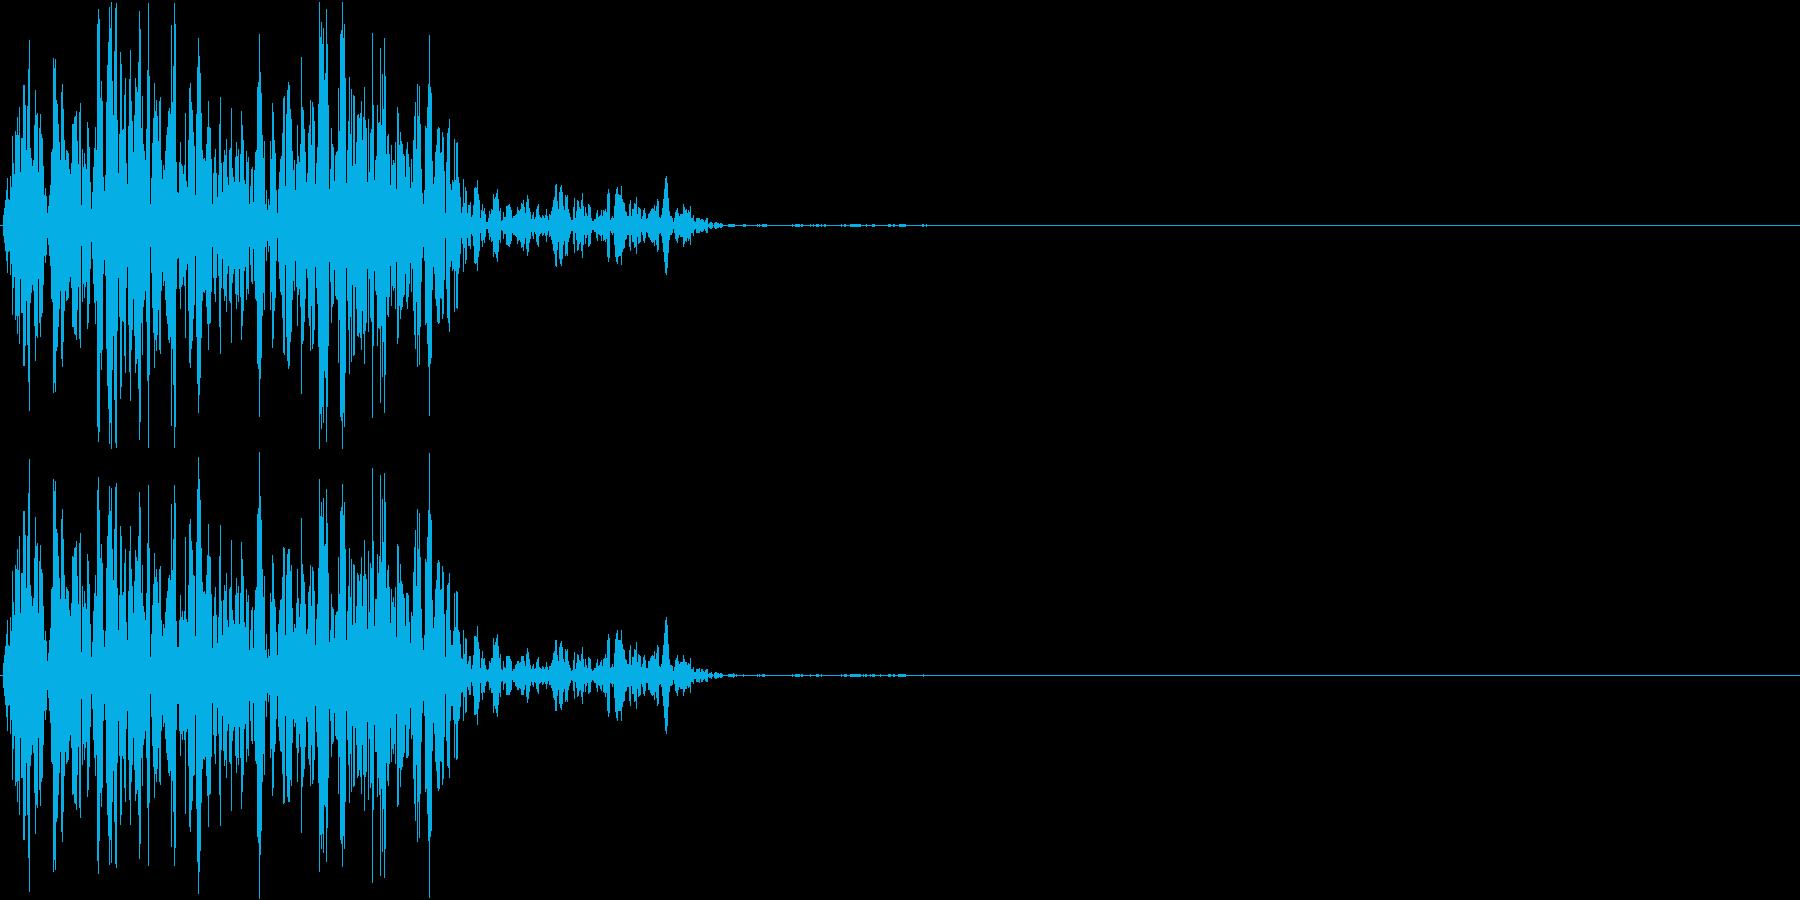 【ガスッ!】ファミコン系 破壊音_02の再生済みの波形